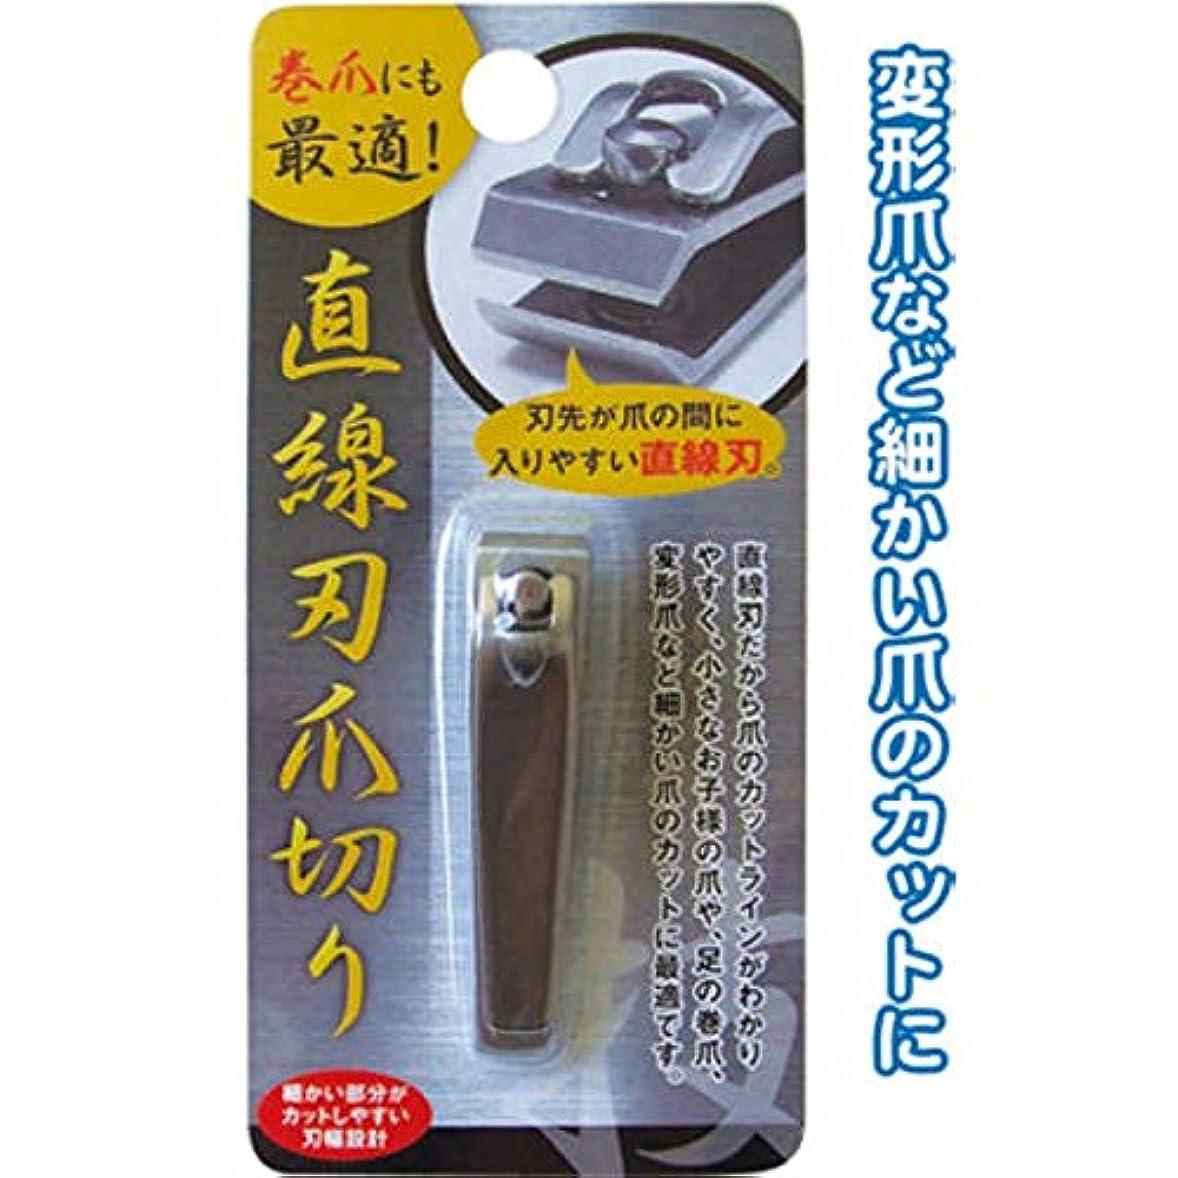 費やすアンティークバックグラウンド巻爪にも最適!直線刃ステンレス爪切り 【まとめ買い12個セット】 18-601